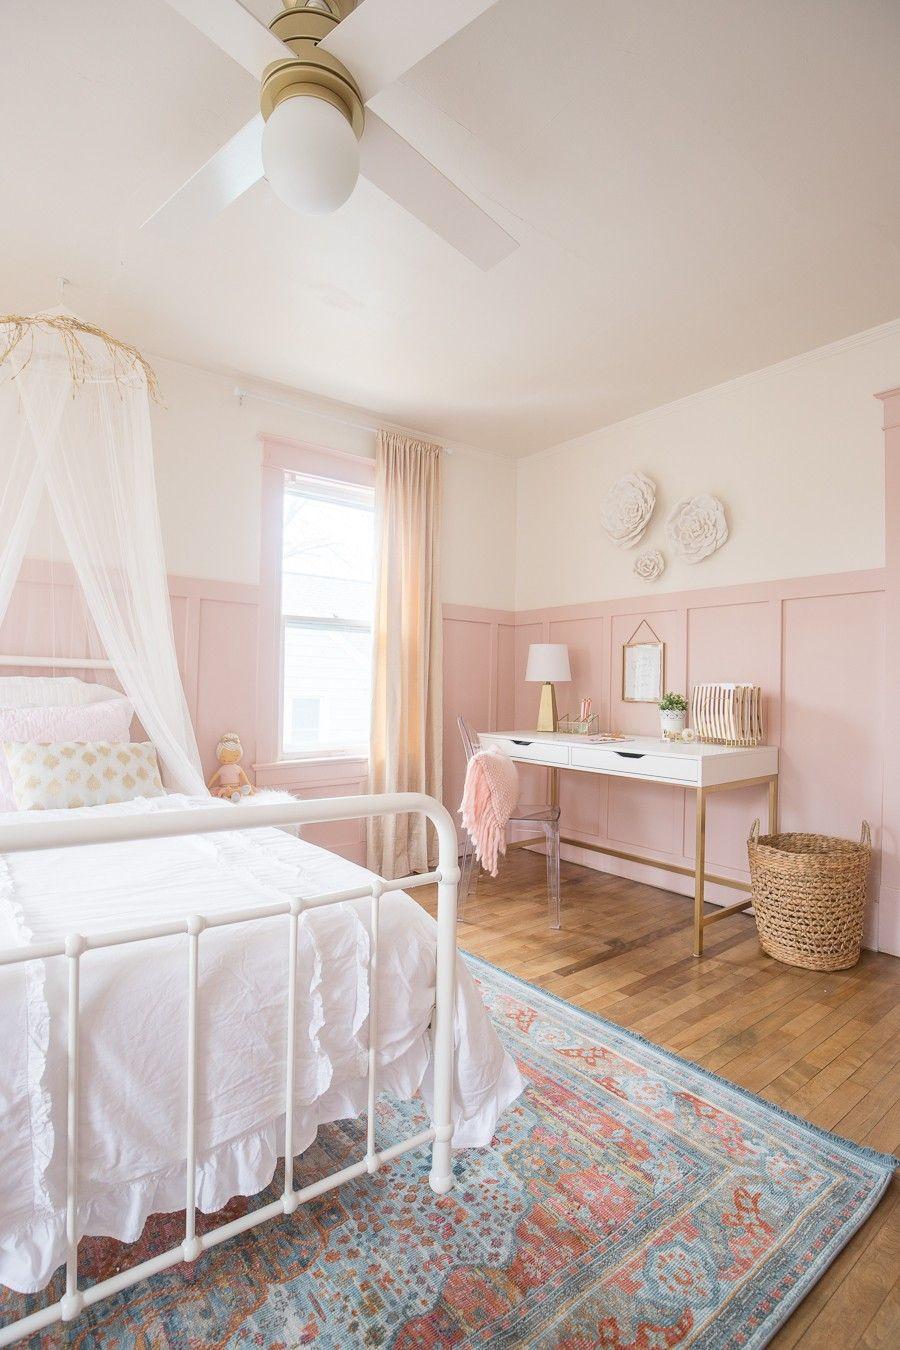 ピンクとゴールドの女の子の寝室 部屋 ベッドルームのアイデア 寝室